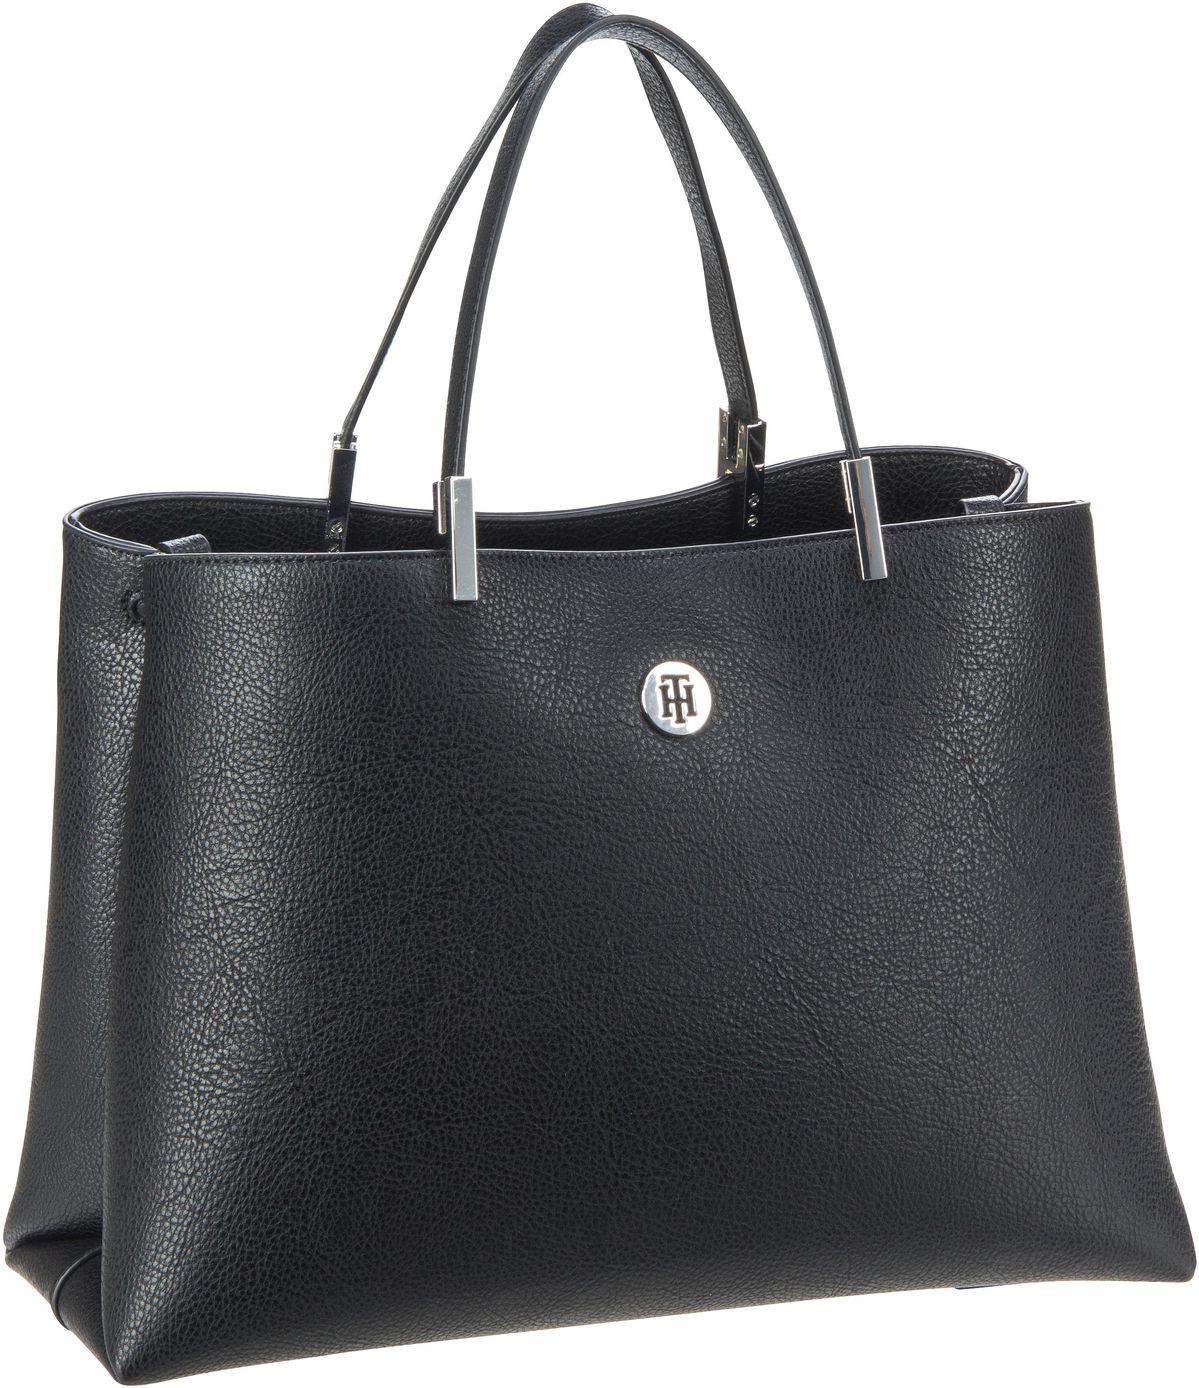 Handtasche TH Core Satchel SP20 Black